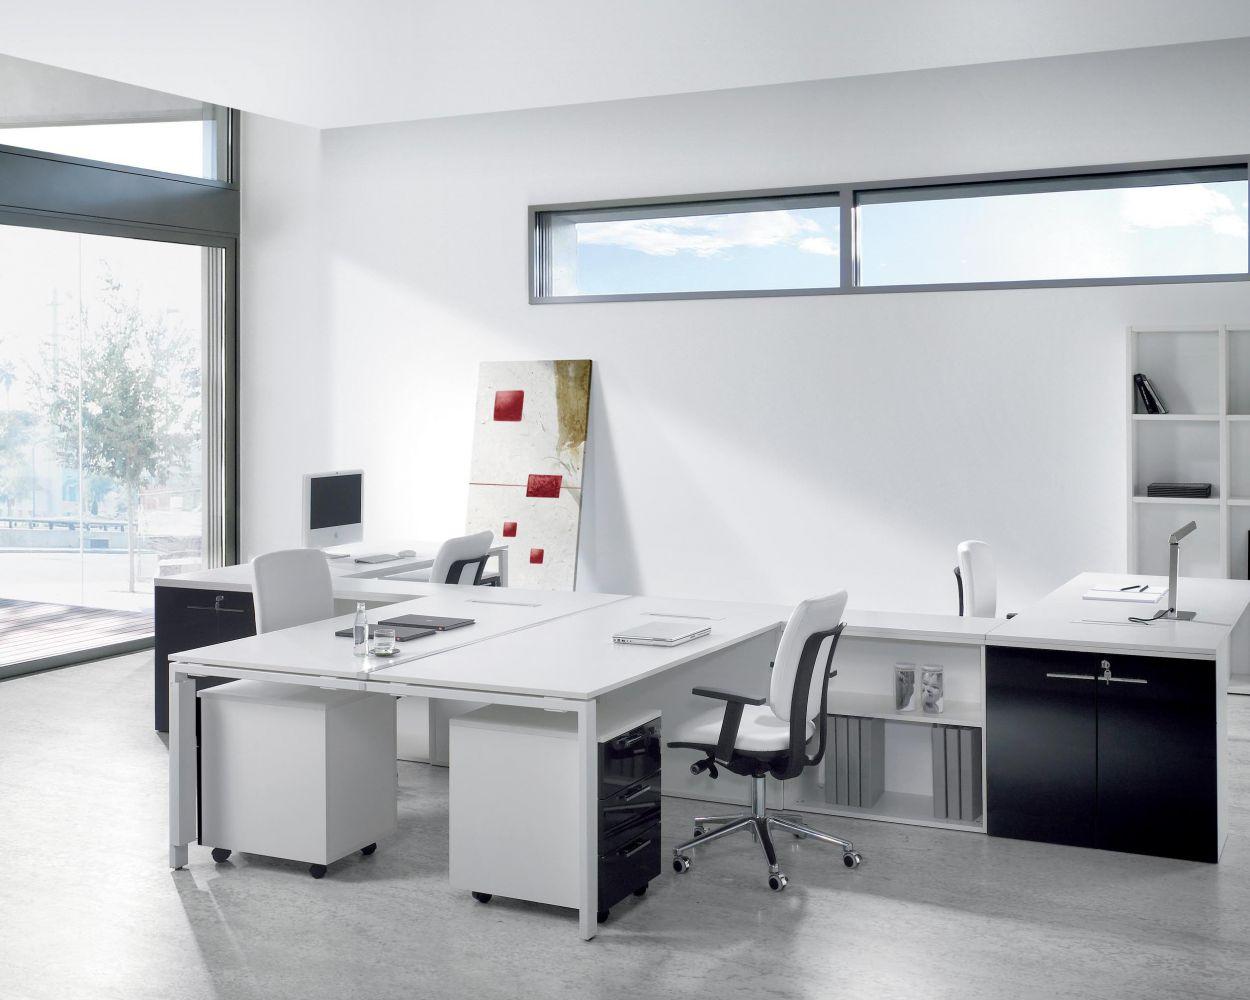 mobilier de bureaux bureaux modulaires marseille meuble et d coration marseille mobilier. Black Bedroom Furniture Sets. Home Design Ideas